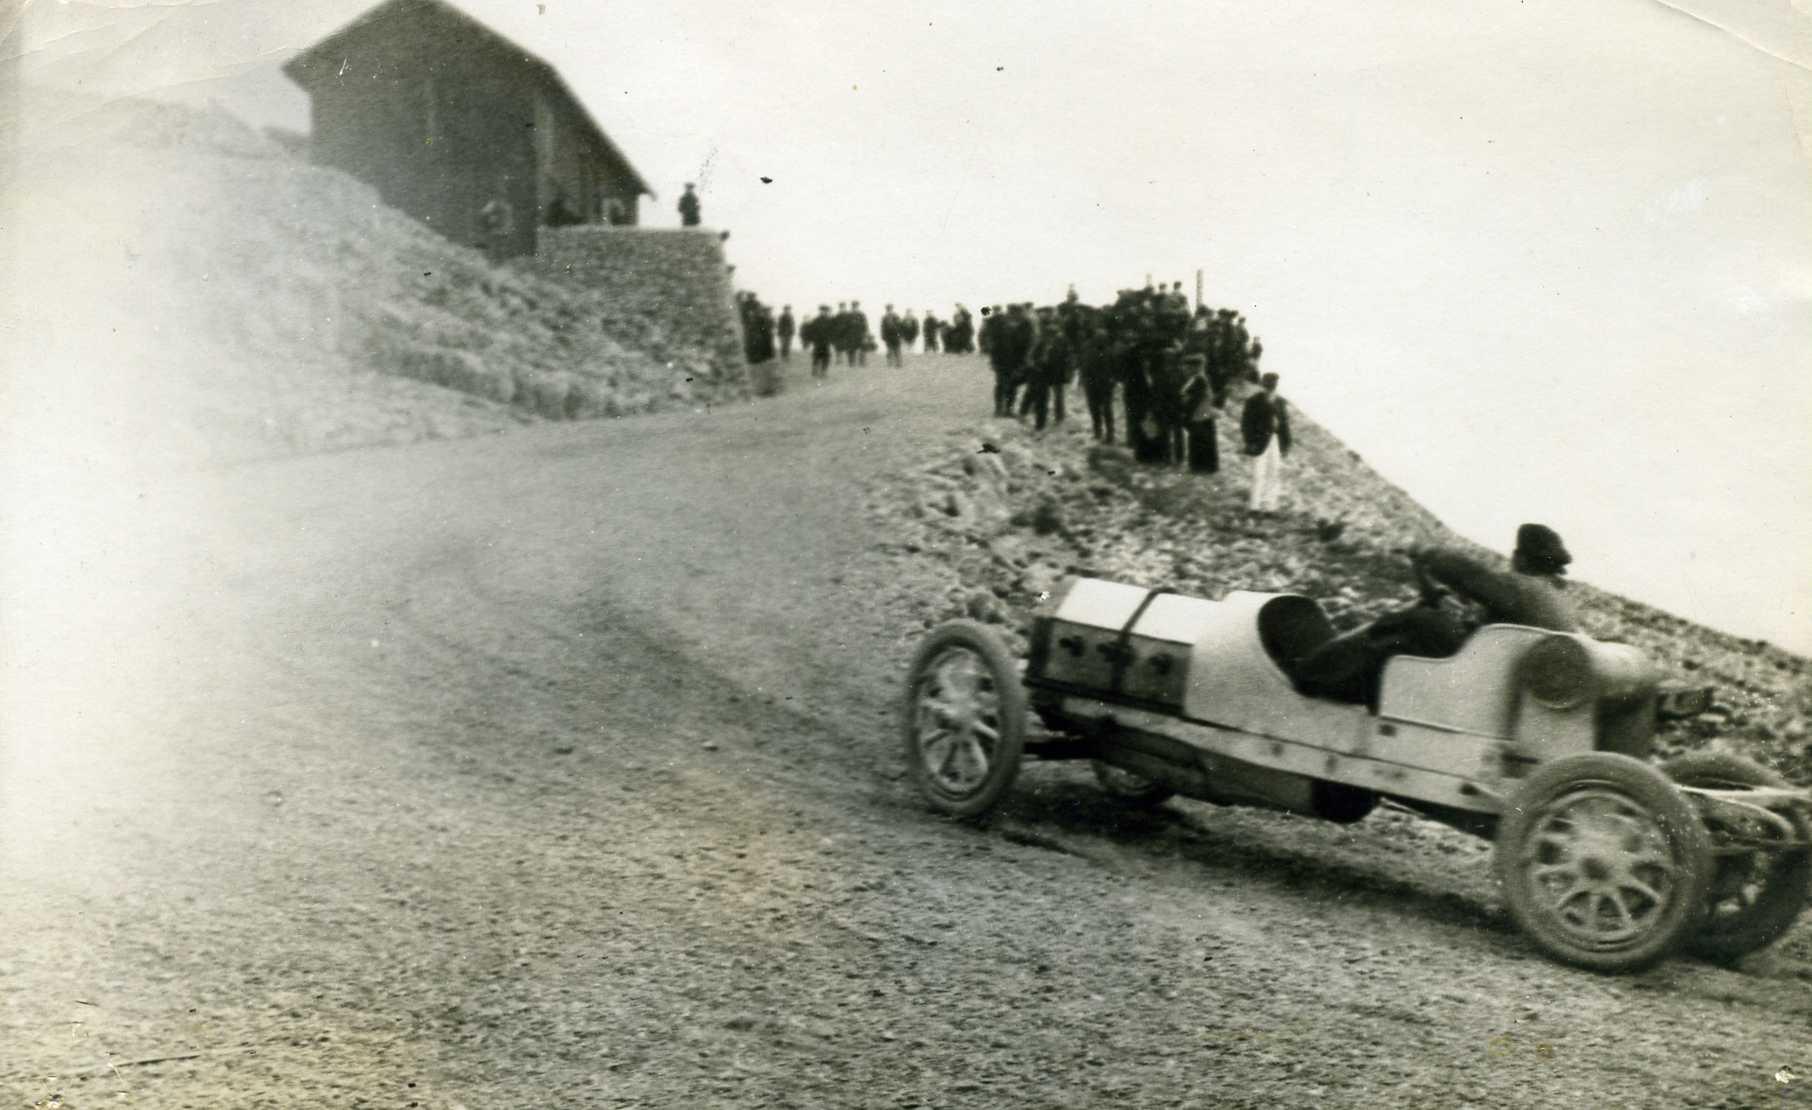 Aankomst-op-de-top-van-de-kustrace-van-Mont-Ventoux--Tangazzi-op-Lancia-jaar-1911